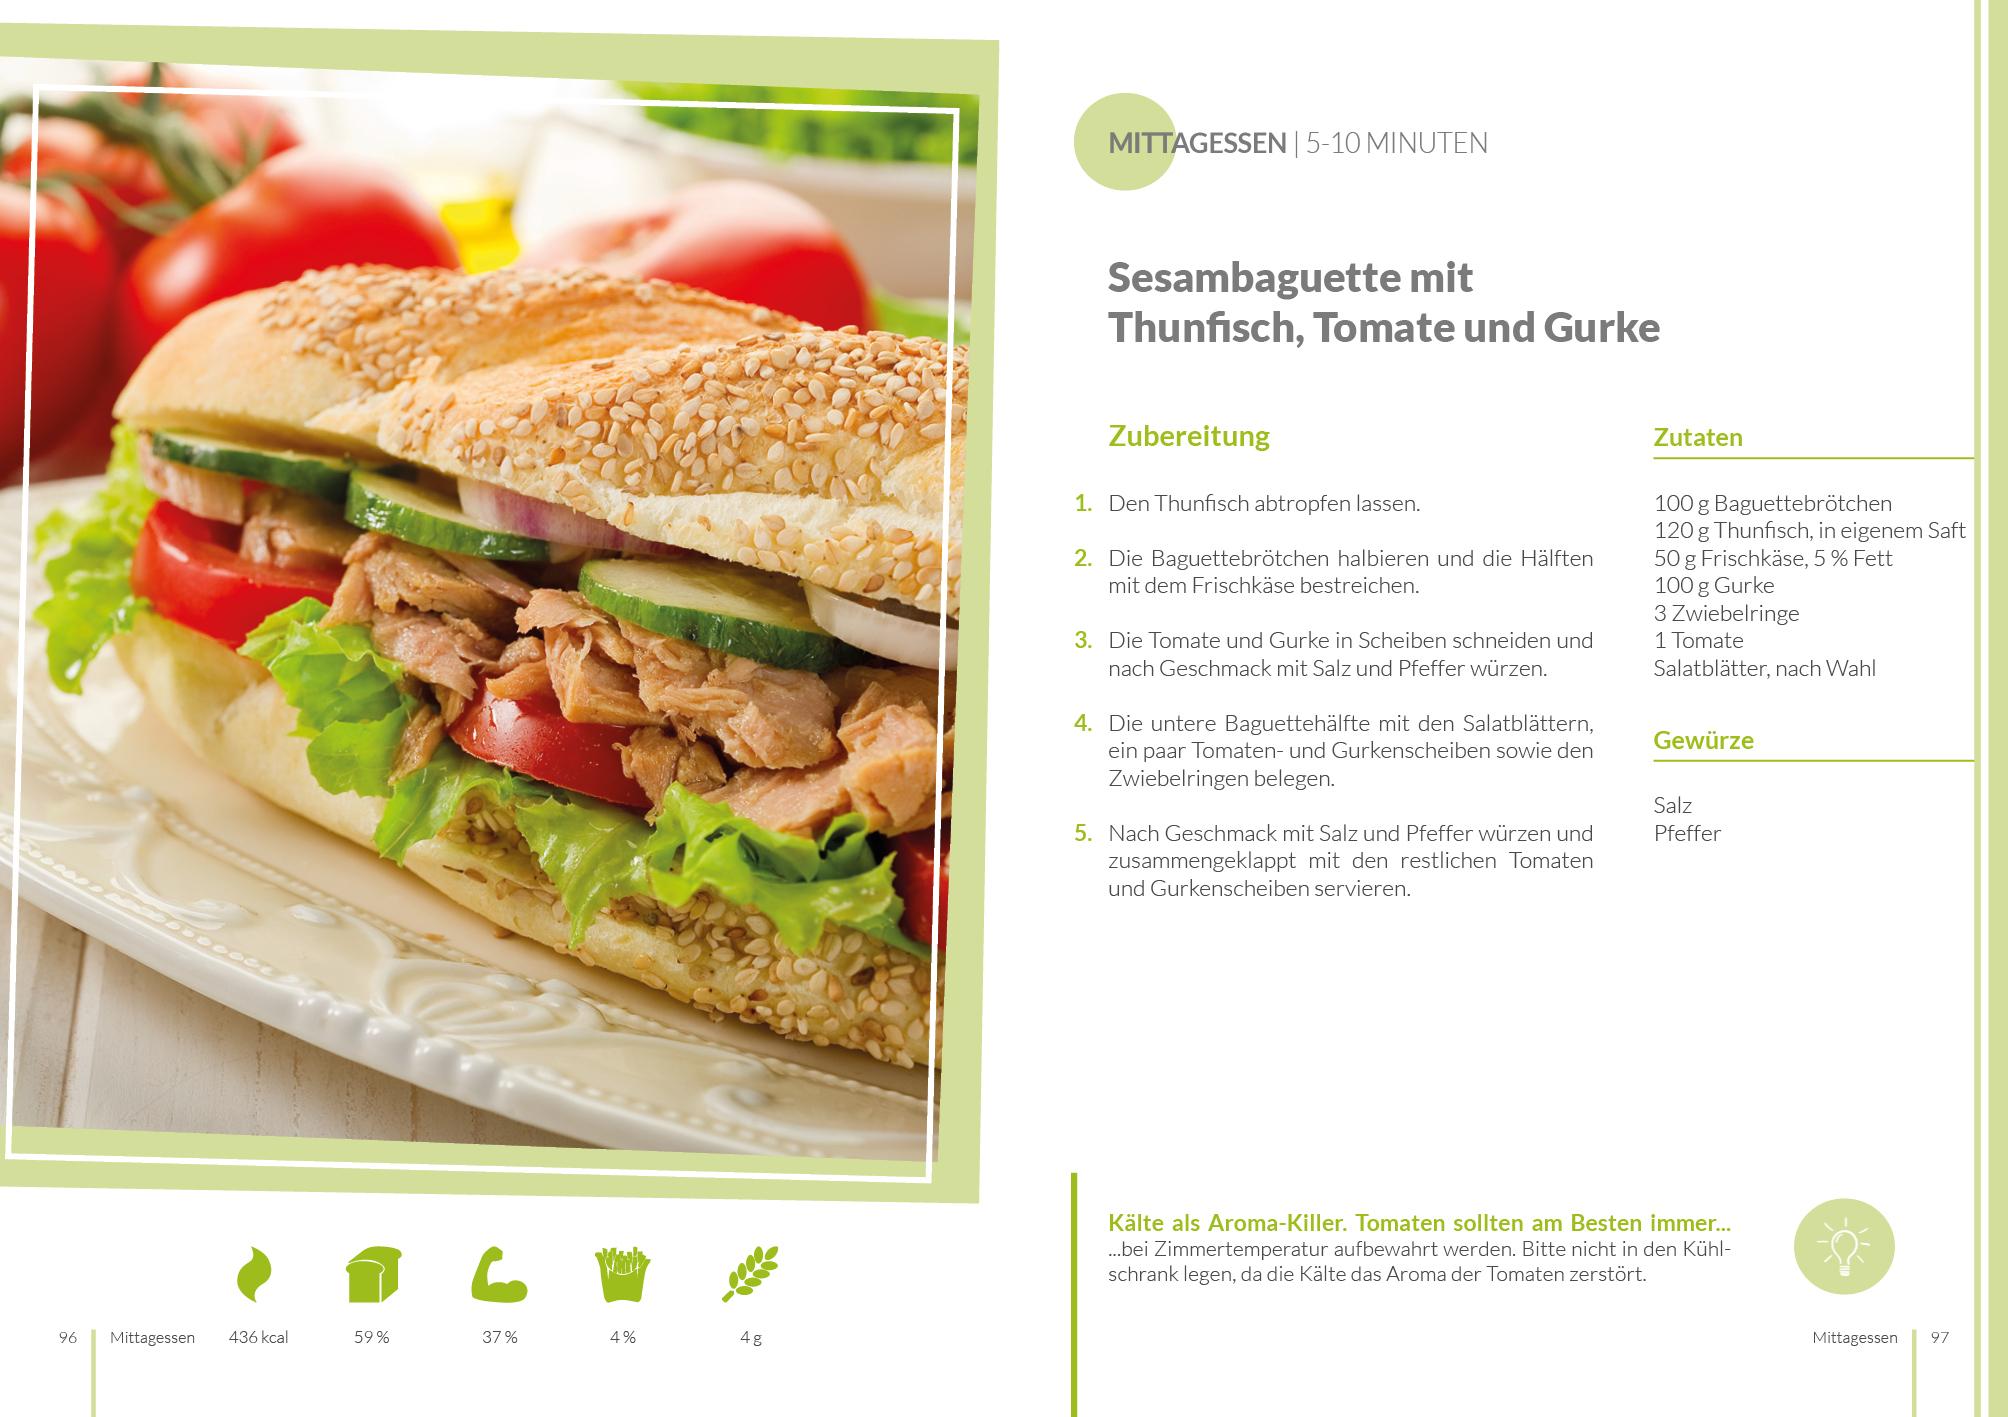 low-fat-kochbuch-zum-abnehmen-gratis6